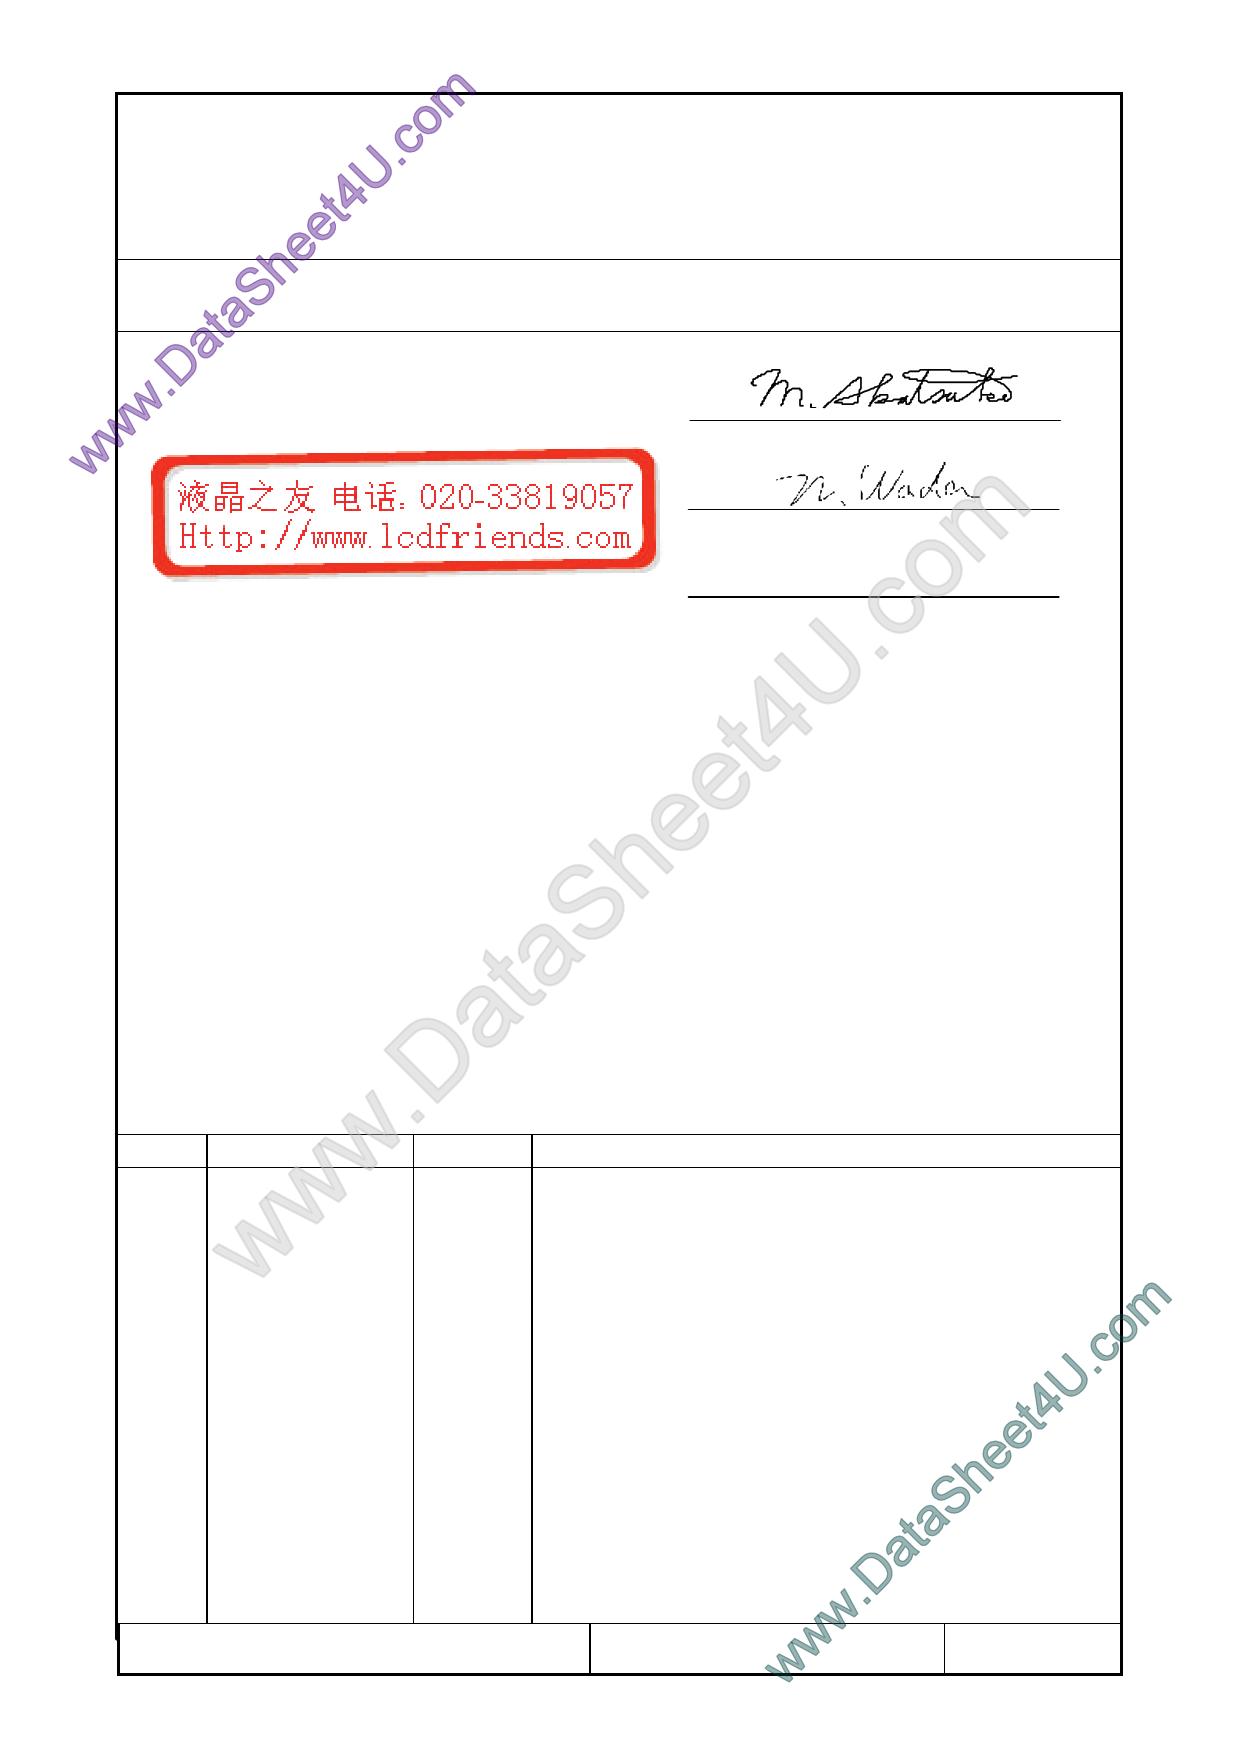 F-51851GNFQJ-LW-AAN دیتاشیت PDF